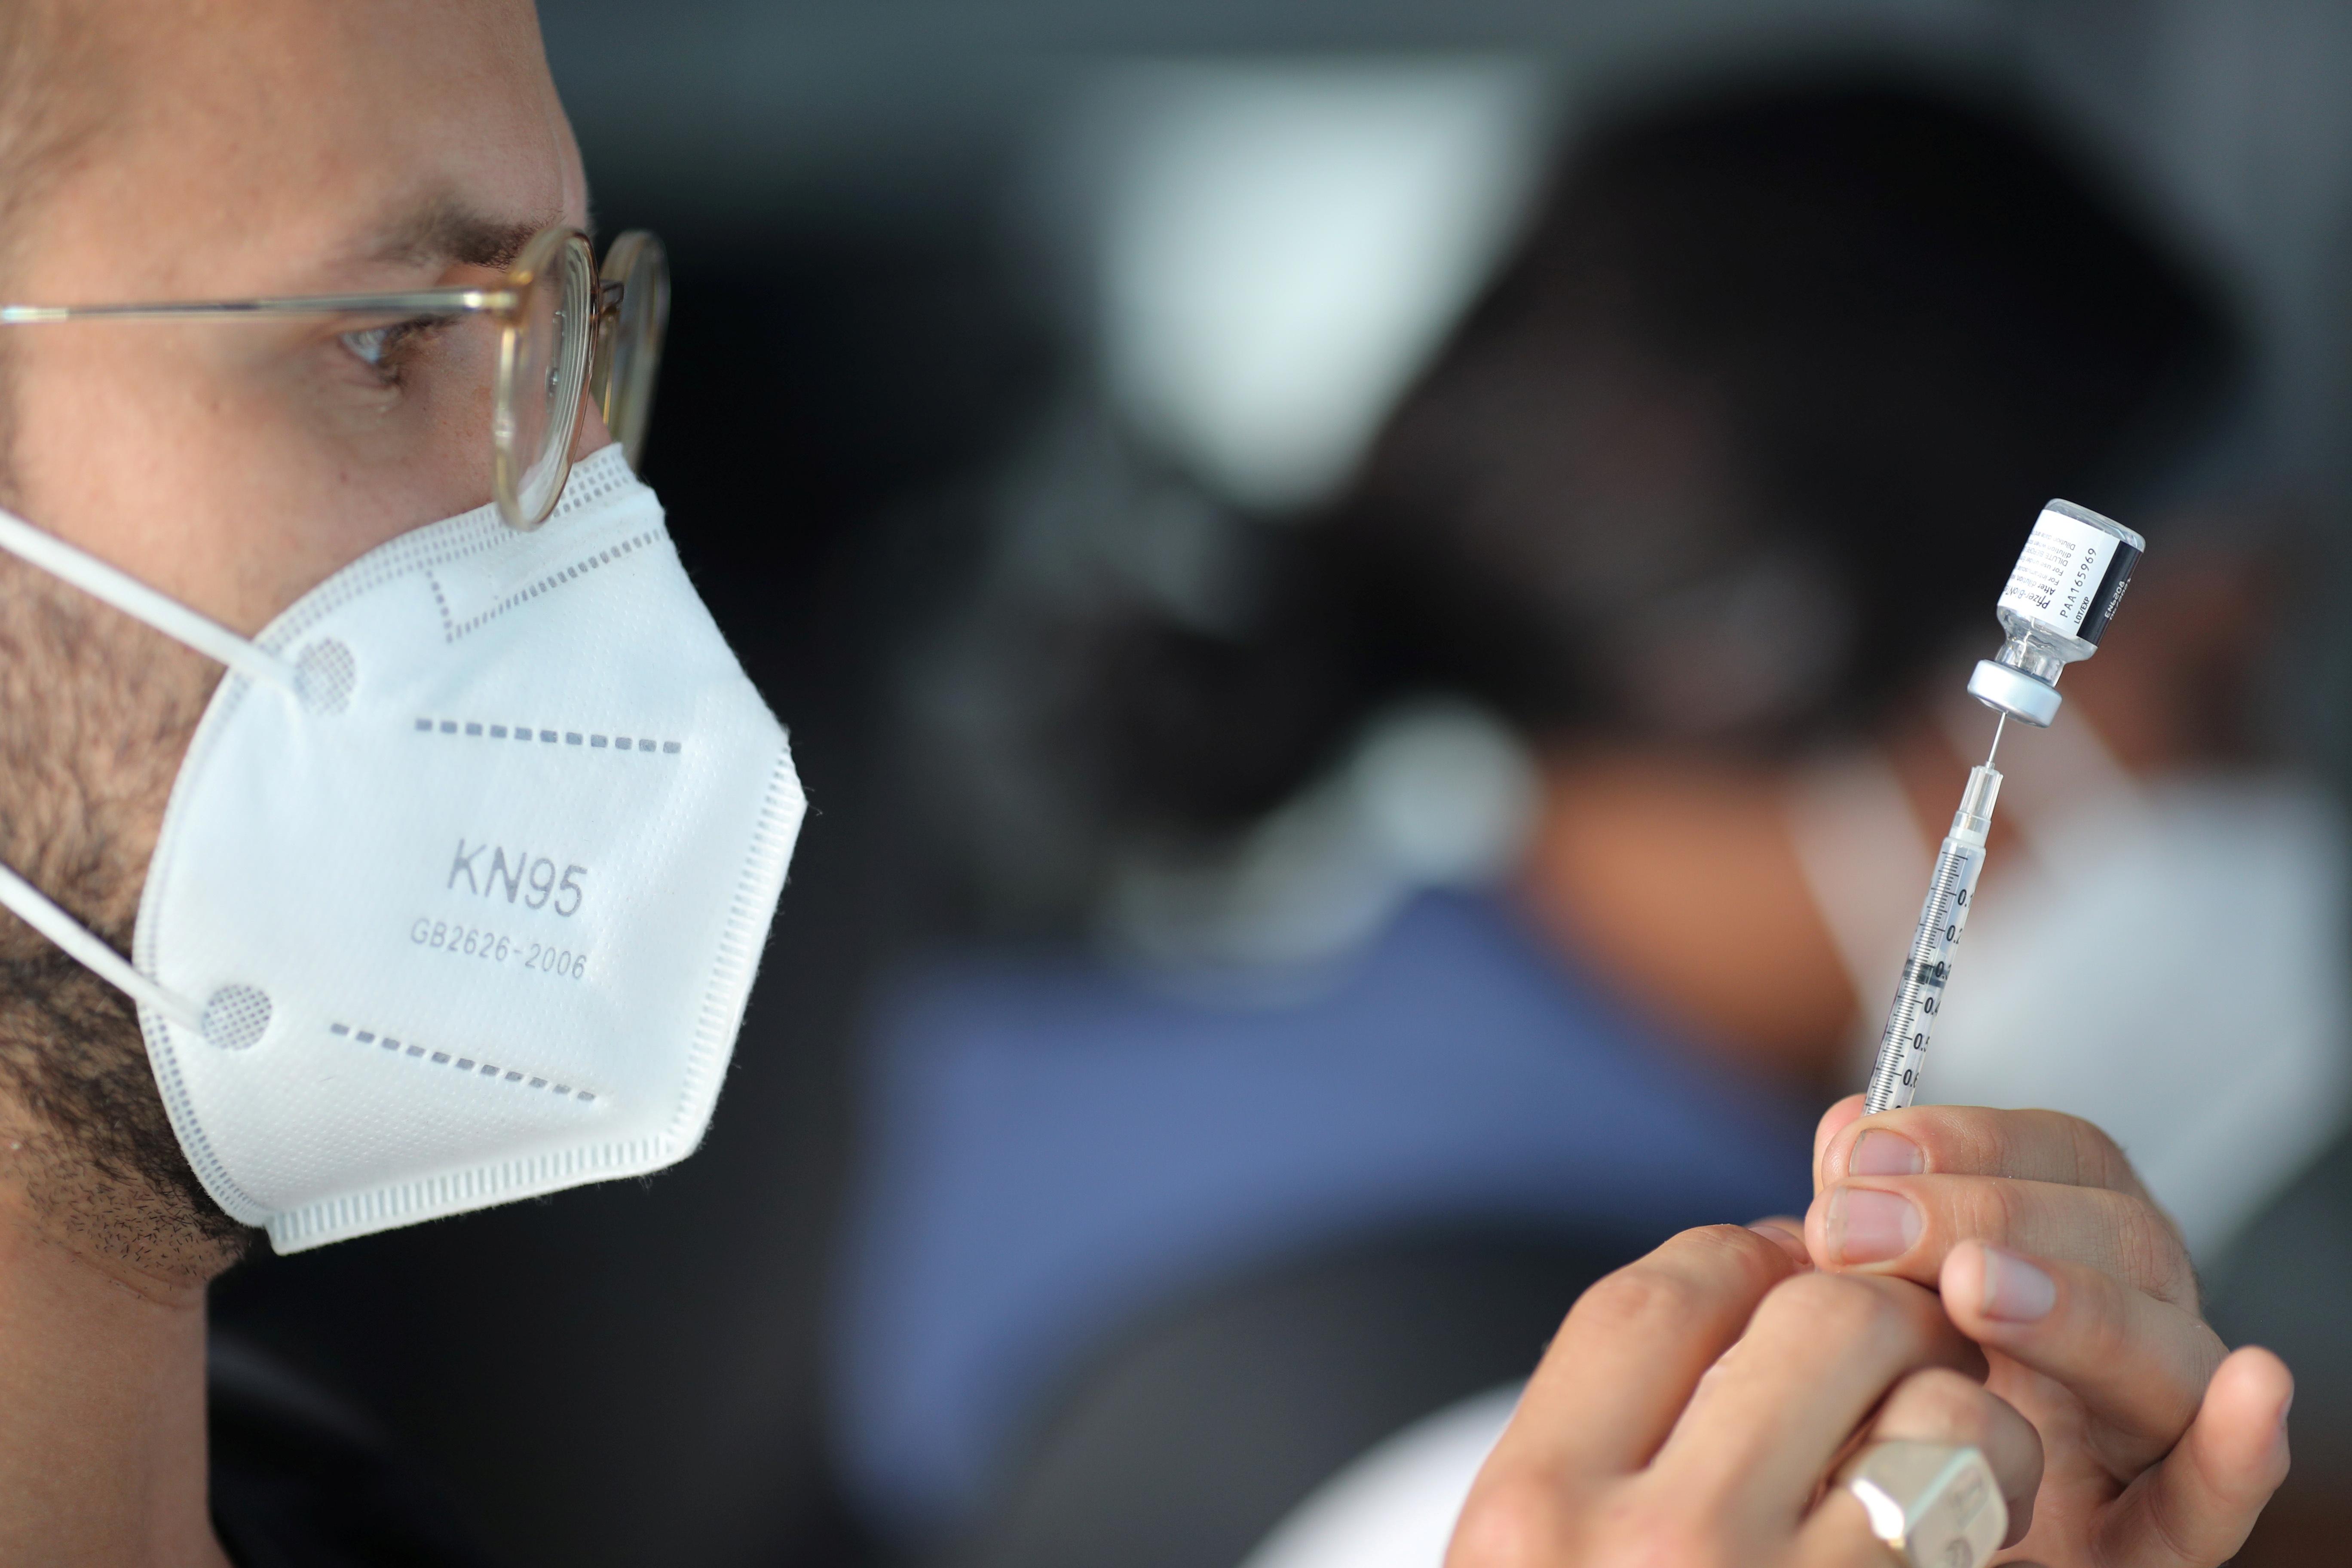 EMT Lenny Fernandez chuẩn bị chủng ngừa bệnh do Pfizer coronavirus (COVID-19) tại một ổ tiêm chủng lưu động cho các công nhân chế biến thực phẩm thiết yếu tại Rose & Shore, Inc., ở Vernon, Los Angeles, California, Hoa Kỳ, ngày 17 tháng 3 năm 2021. REUTERS / Lucy Nicholson